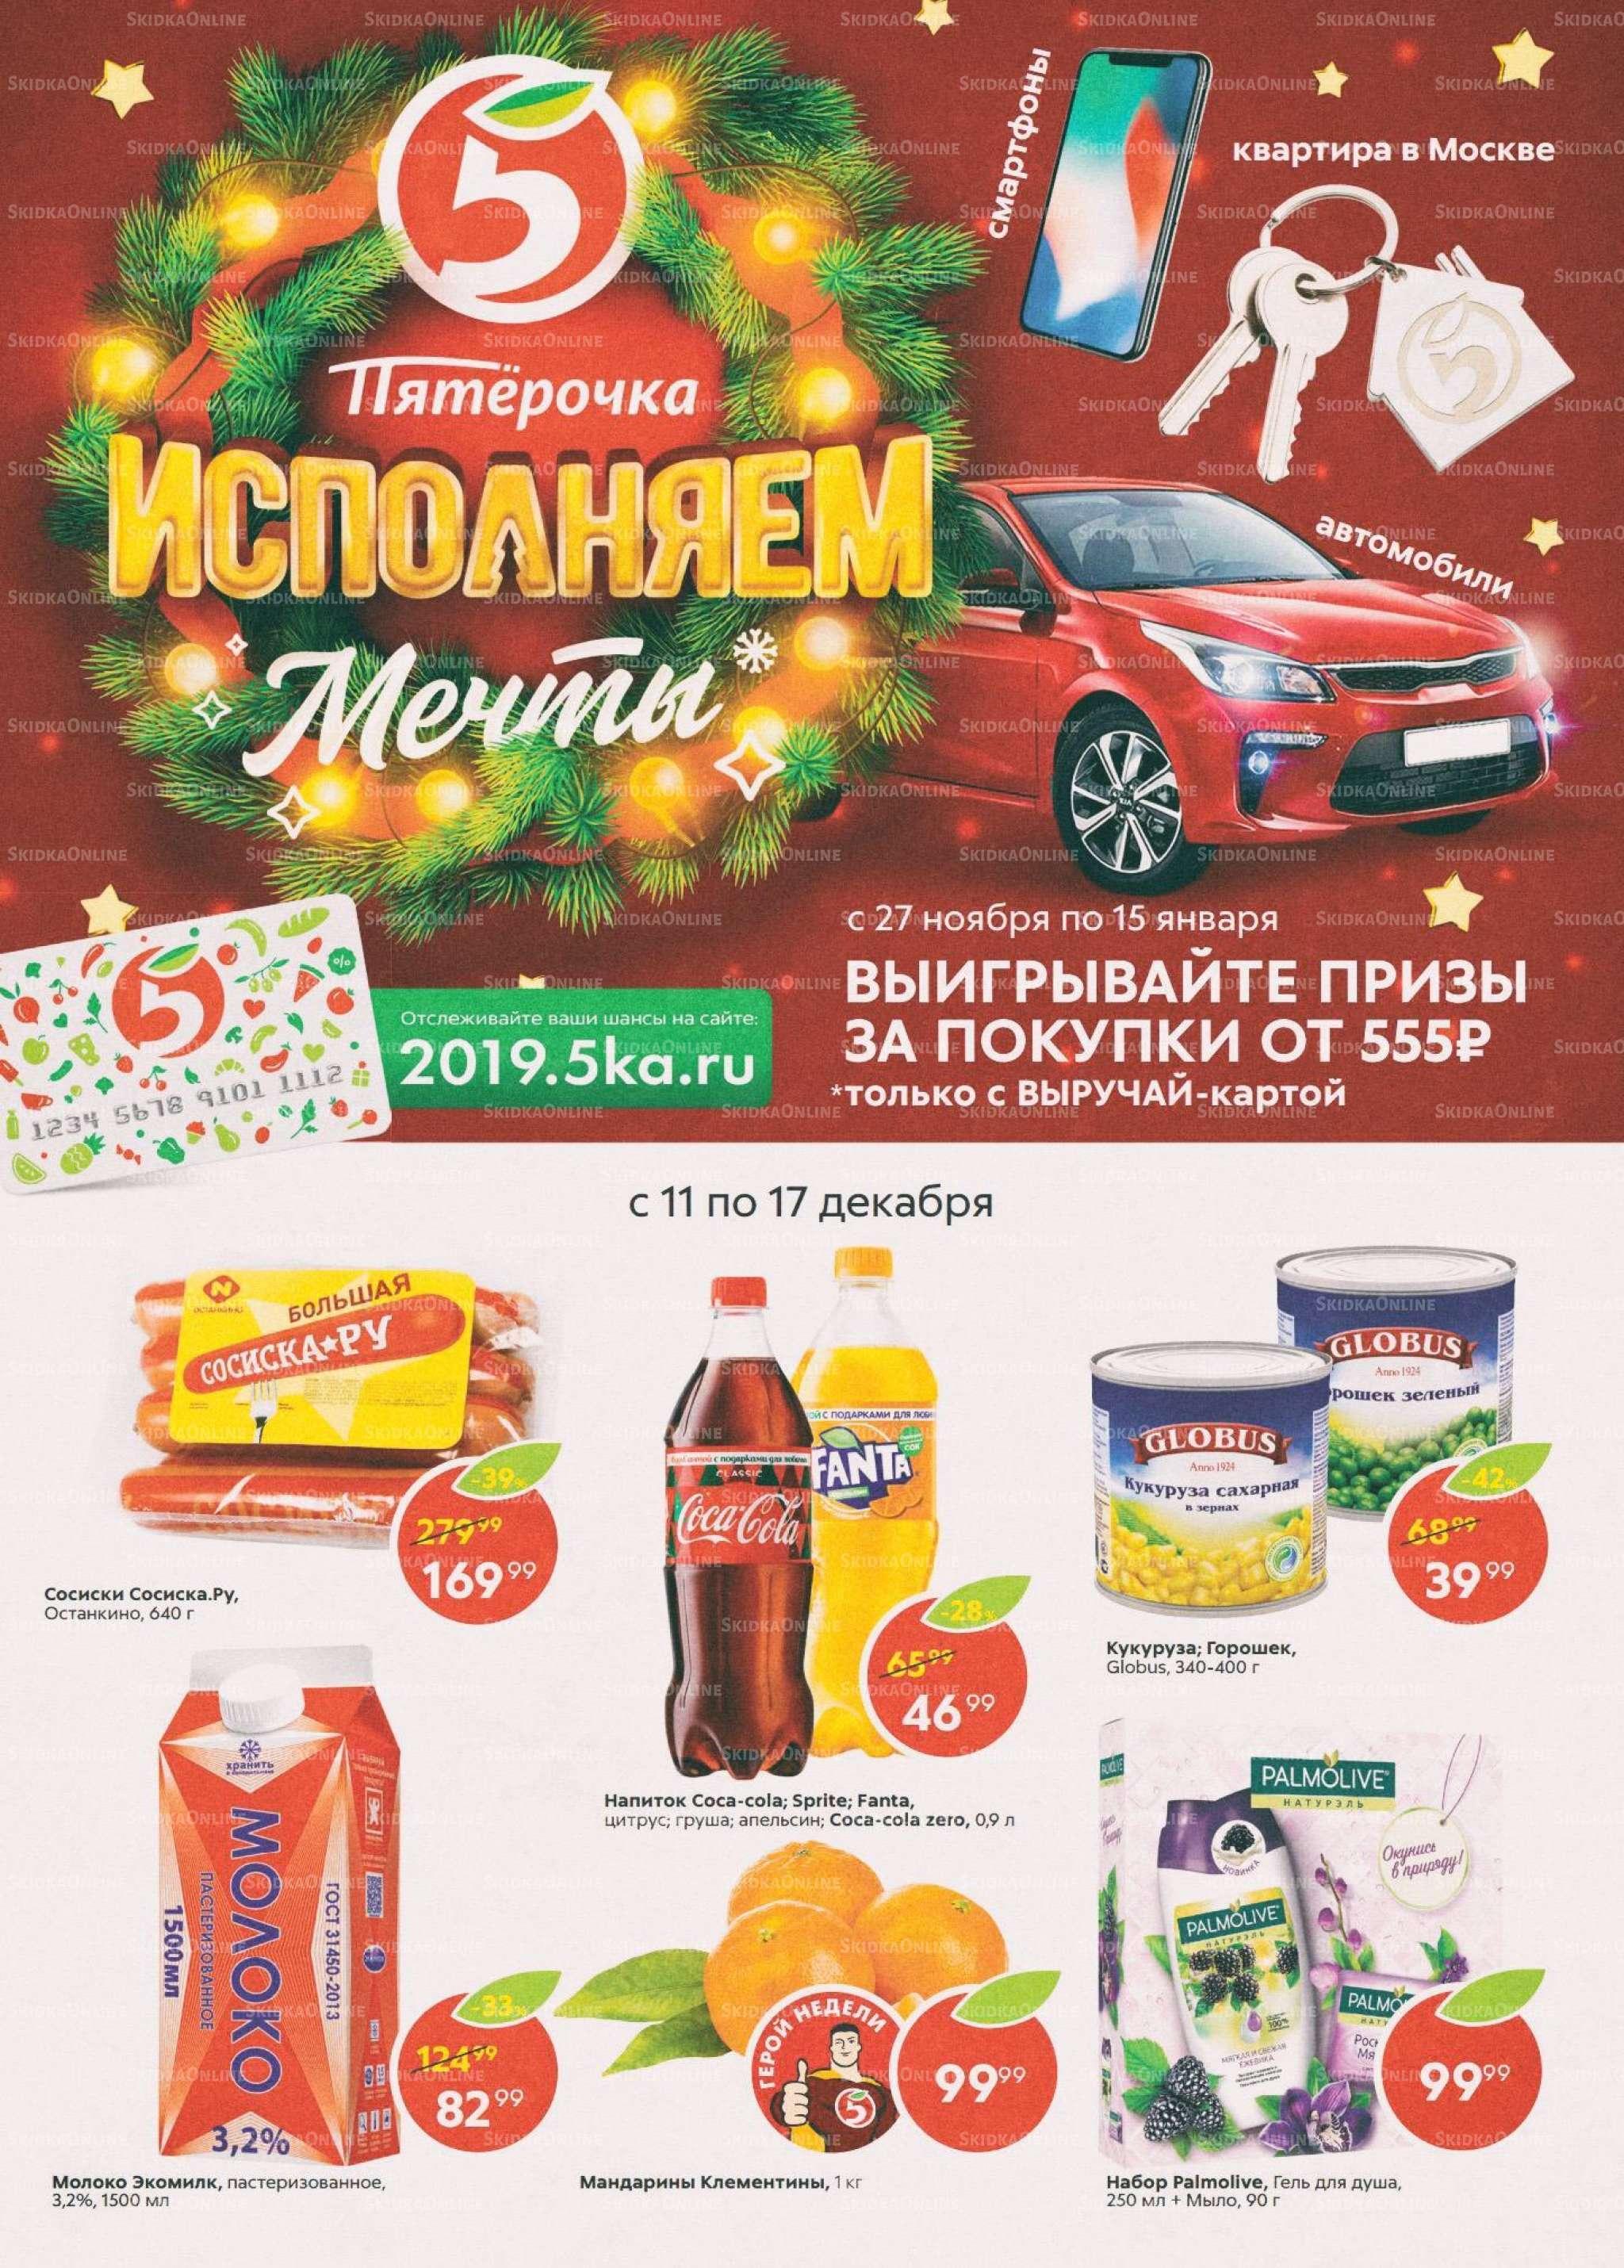 Акции в Пятёрочке с 11 по 17 декабря 2018 года